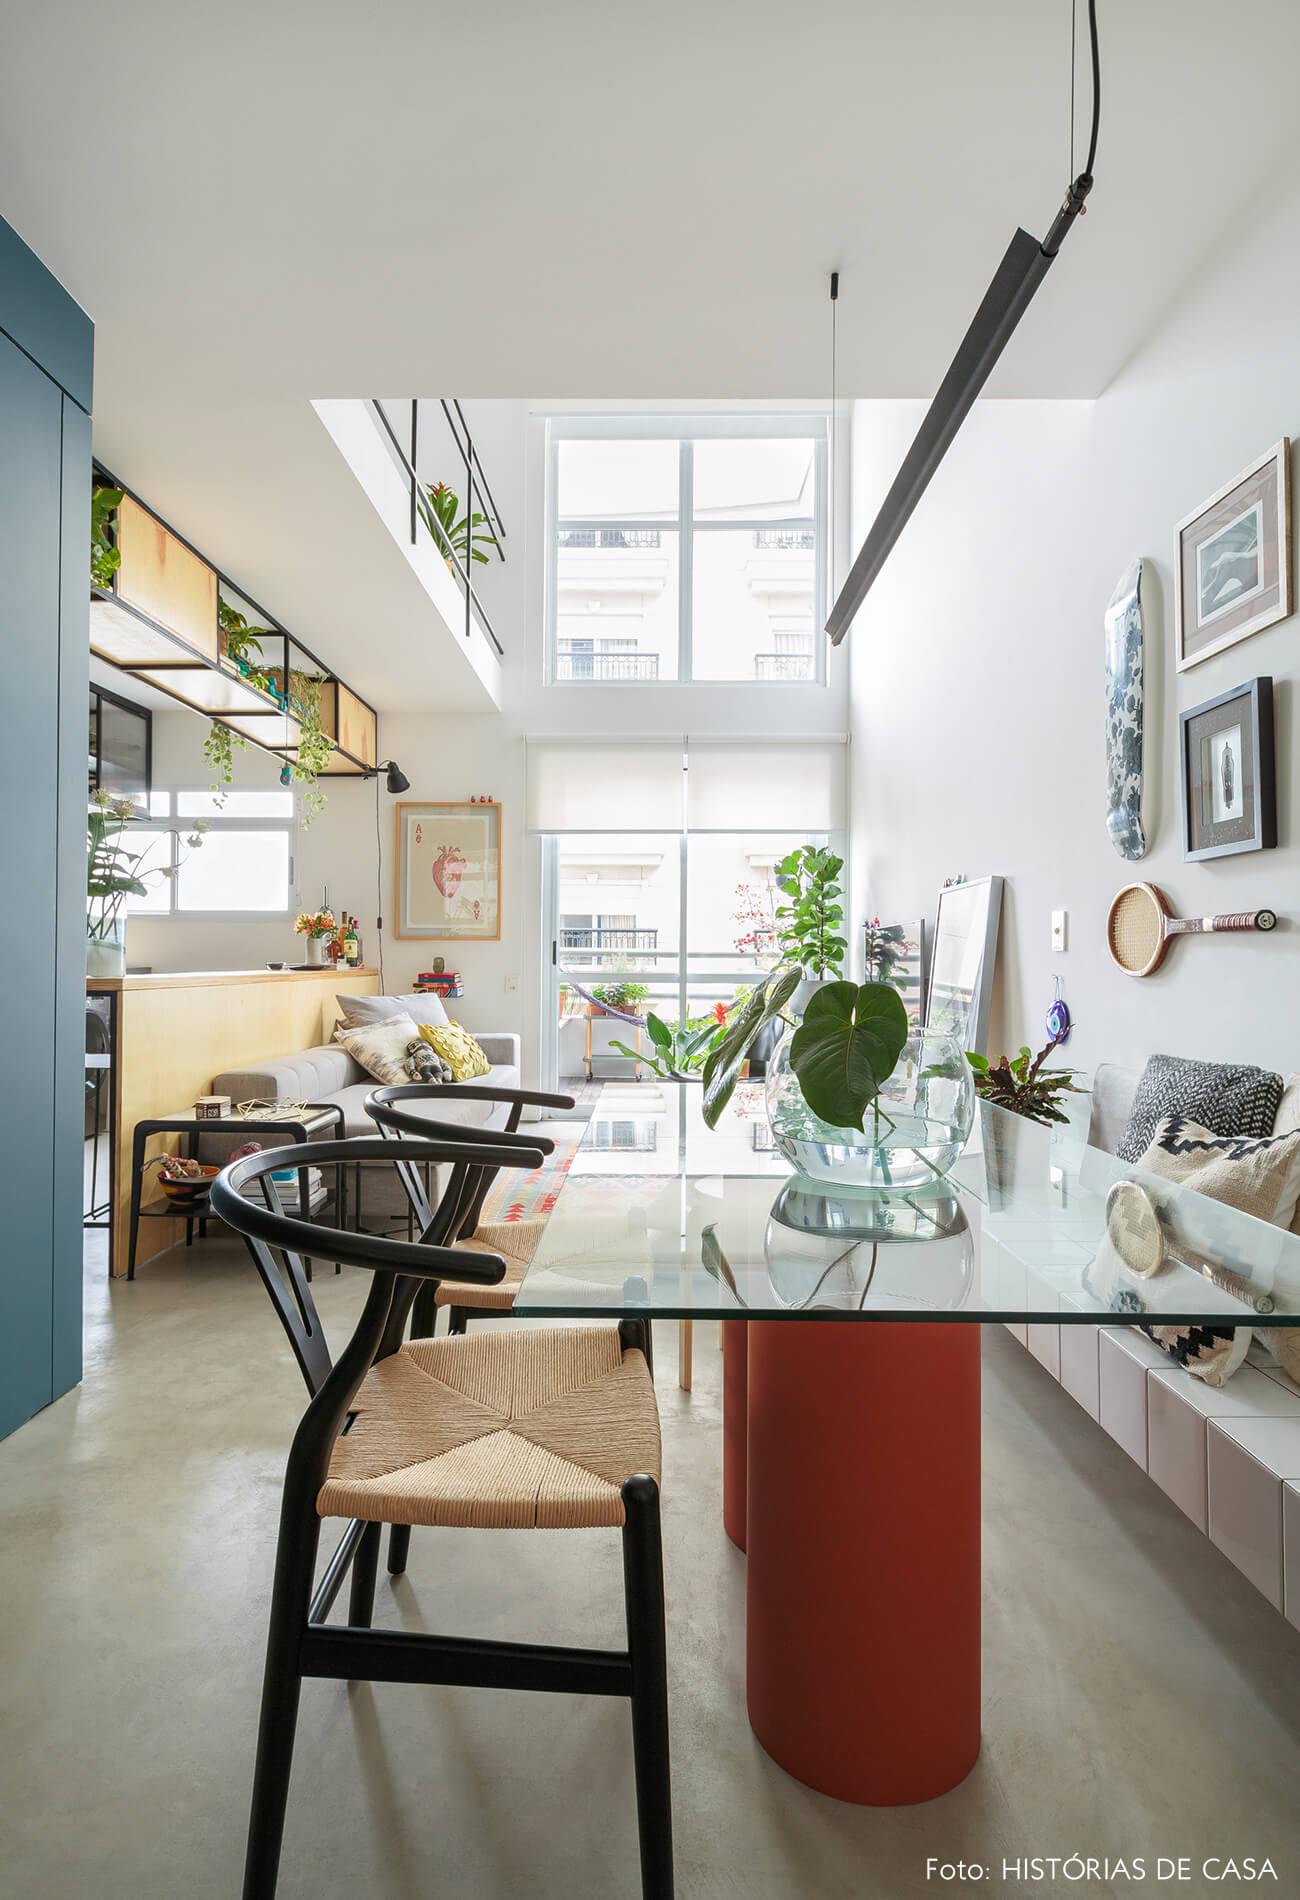 flavio-decoração-sala-jantar-com-mesa-de-vidro-e-cadeiras-palha